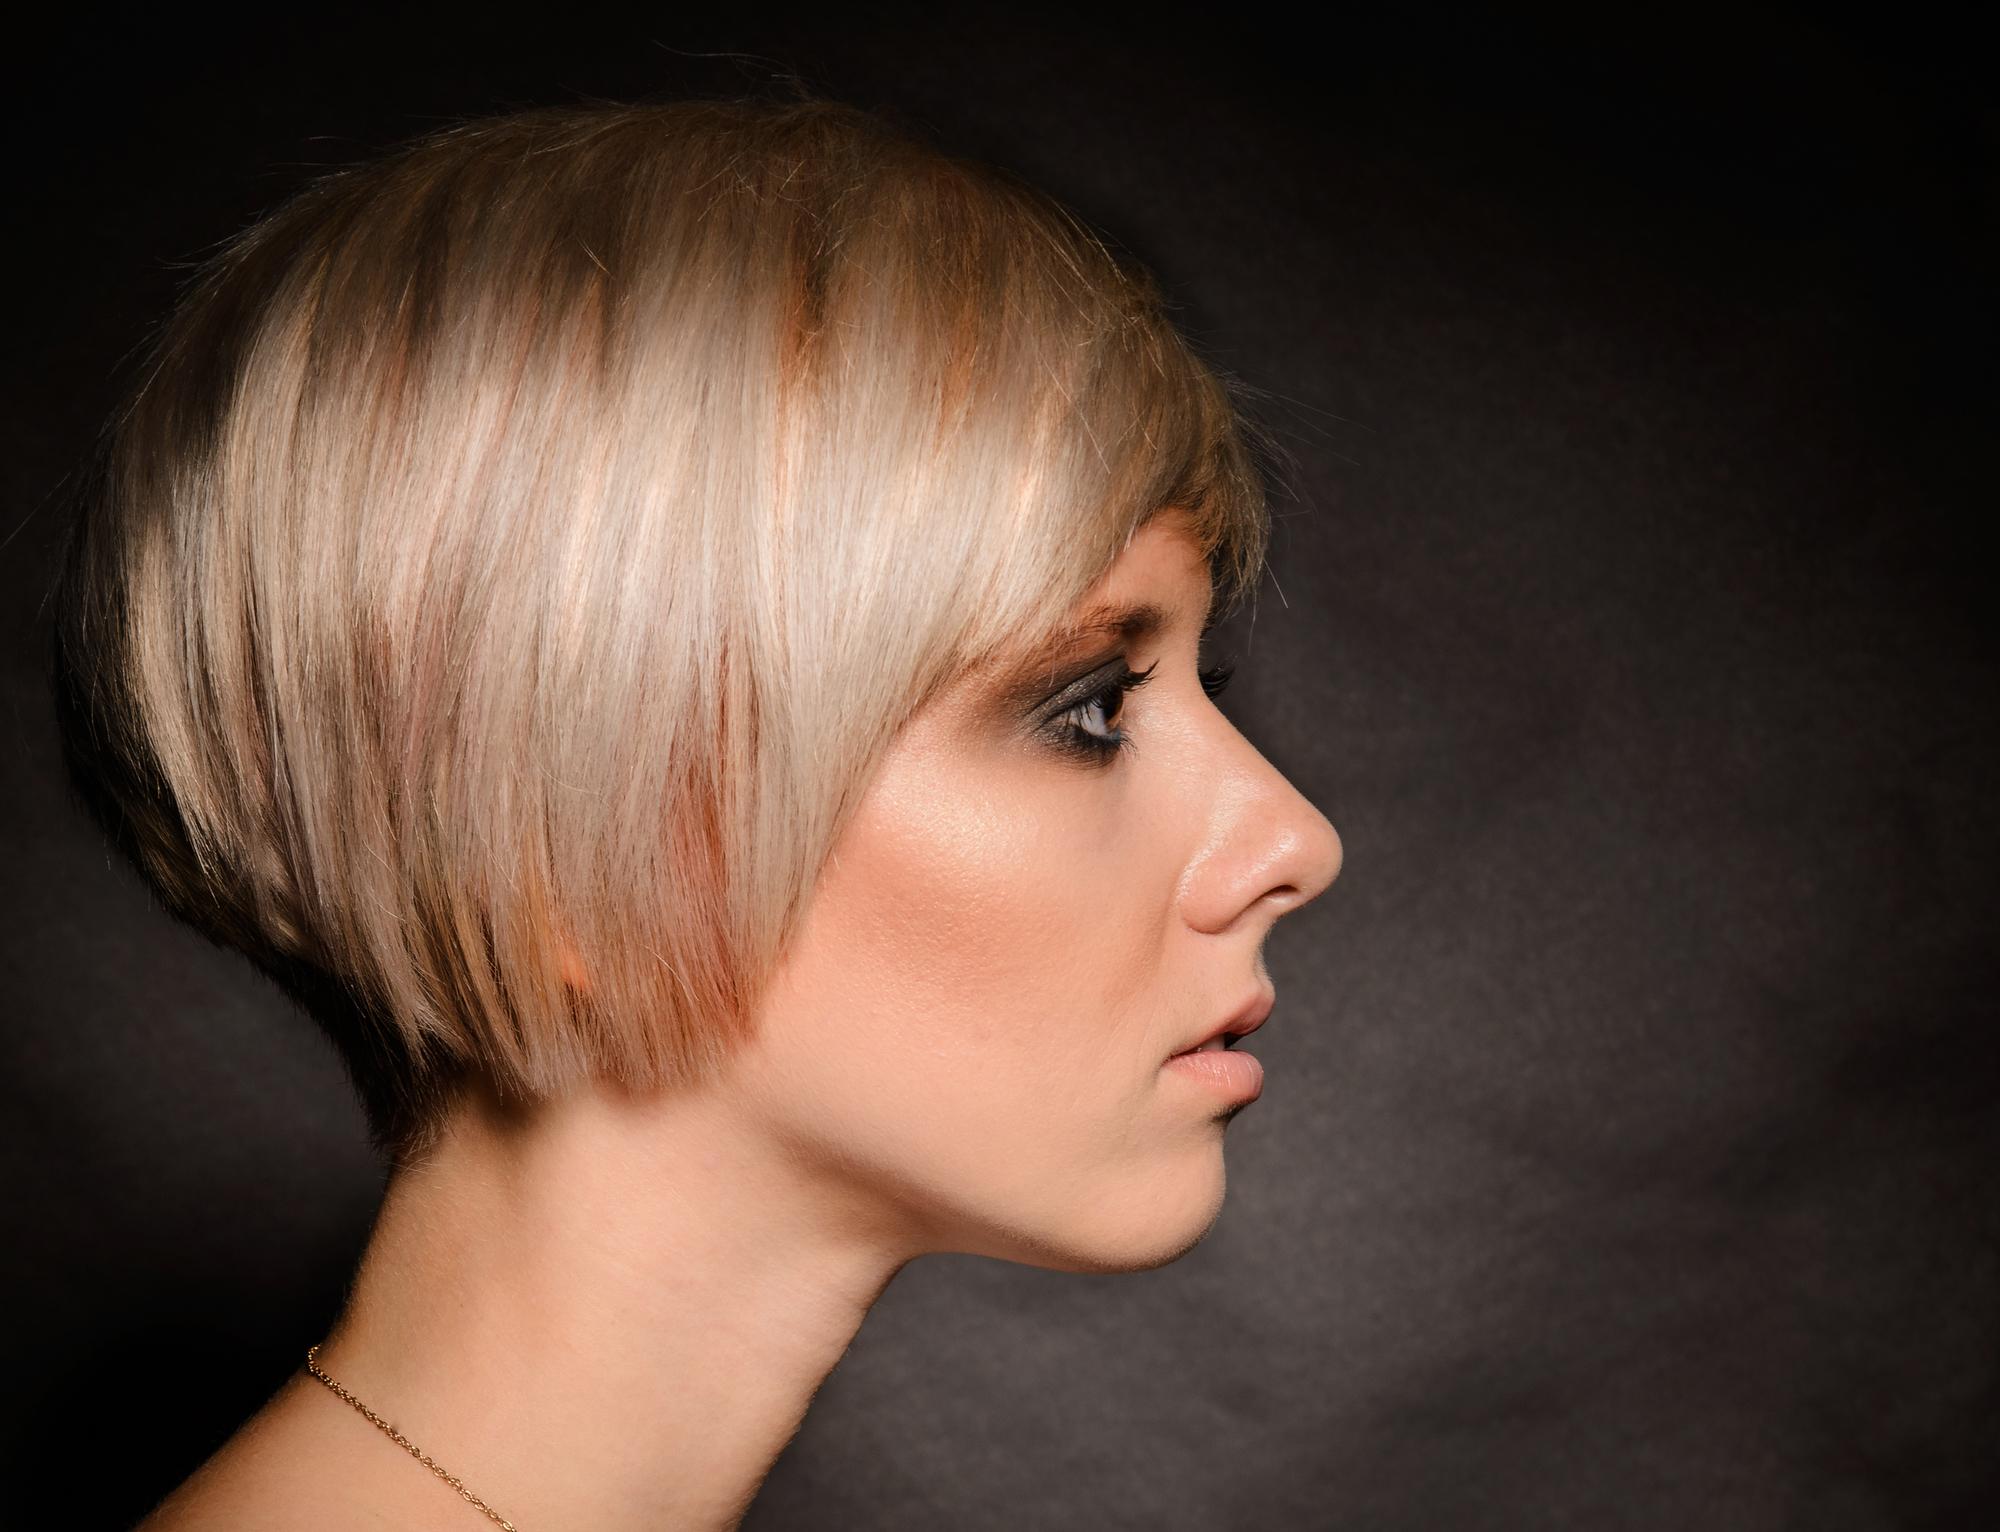 髪が薄い女性に似合う髪型15選!薄毛におすすめのヘアスタイルカタログ